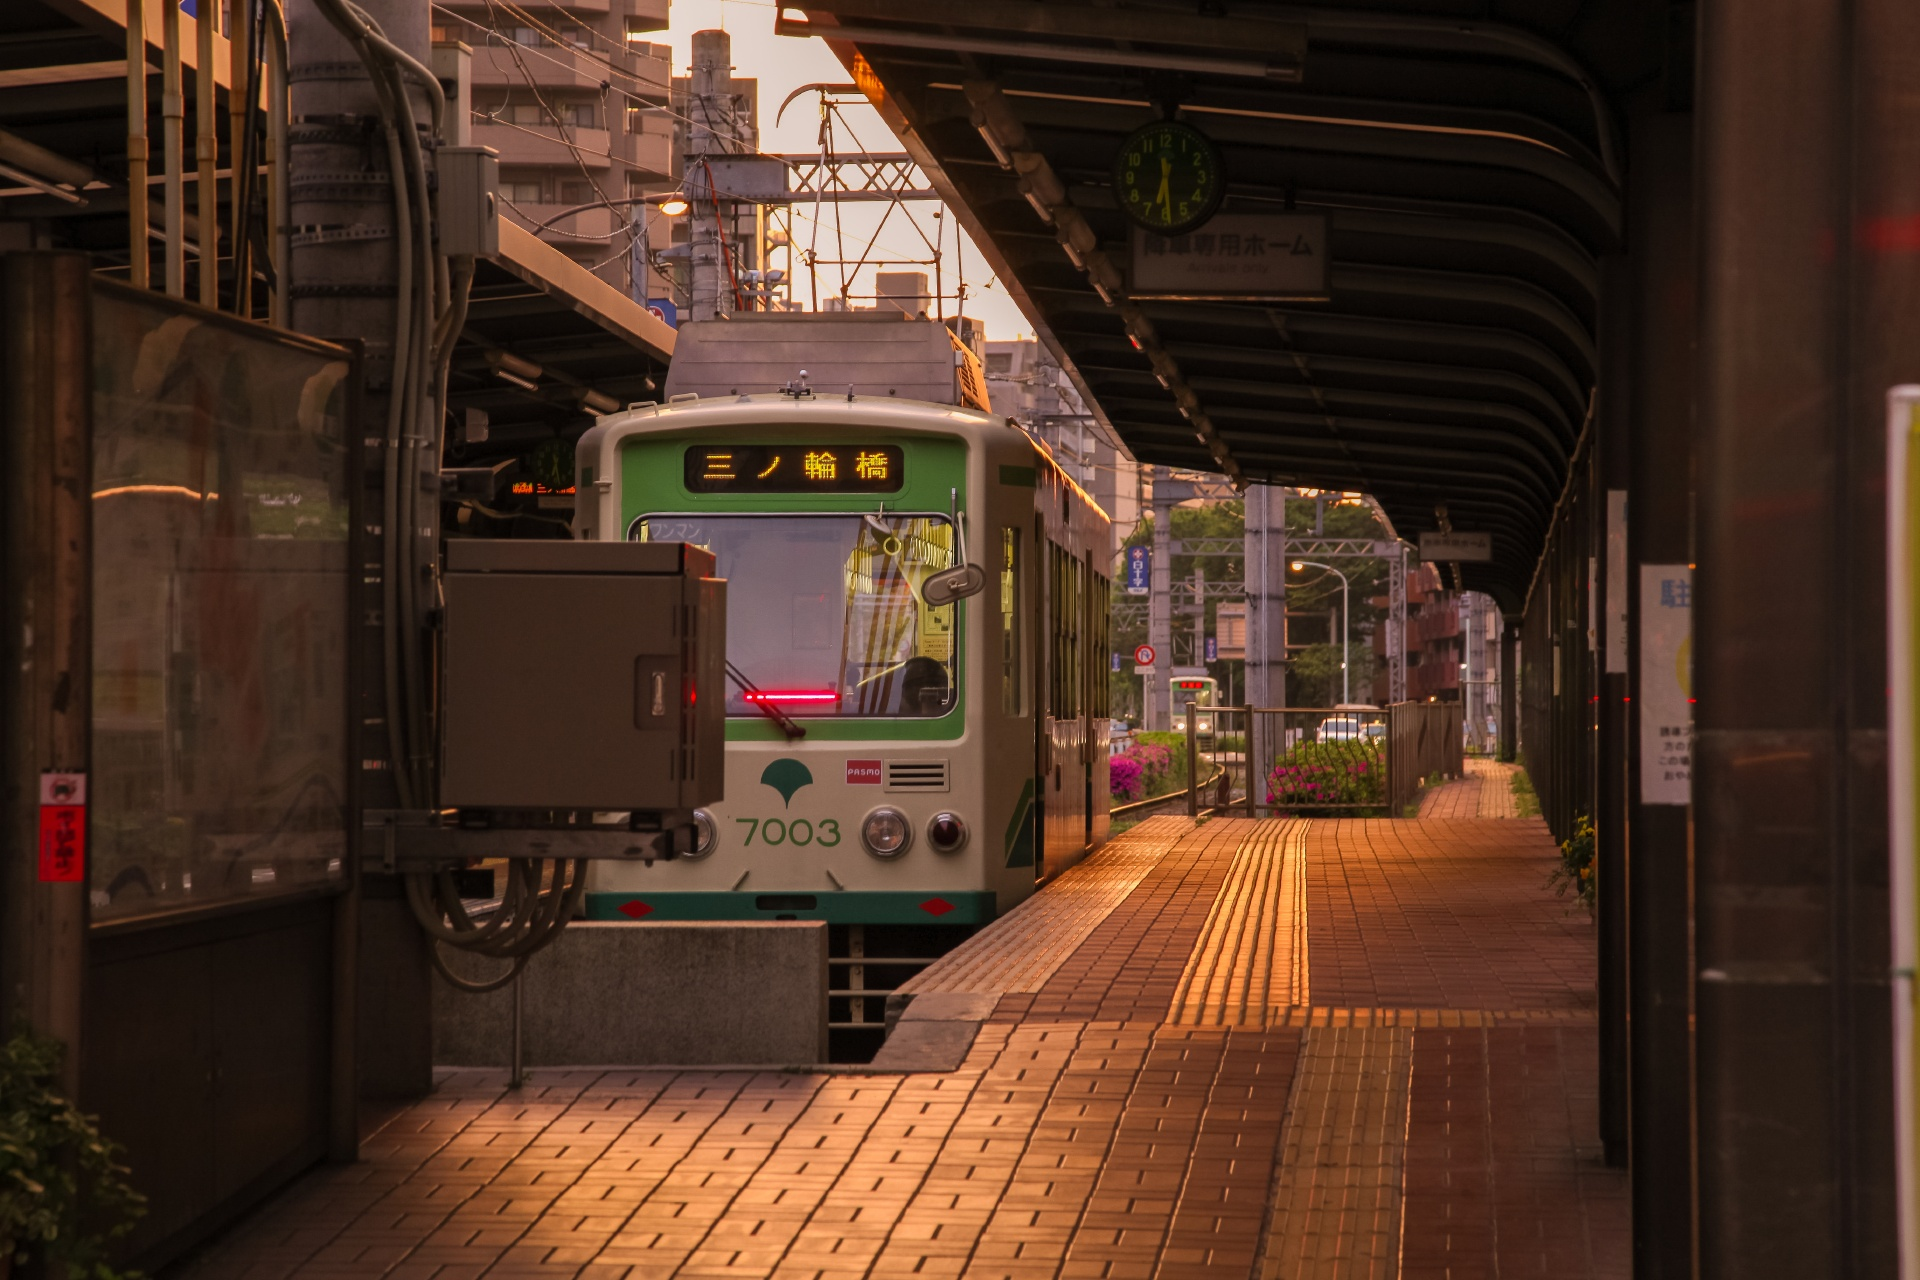 夕暮れの早稲田 東京の風景